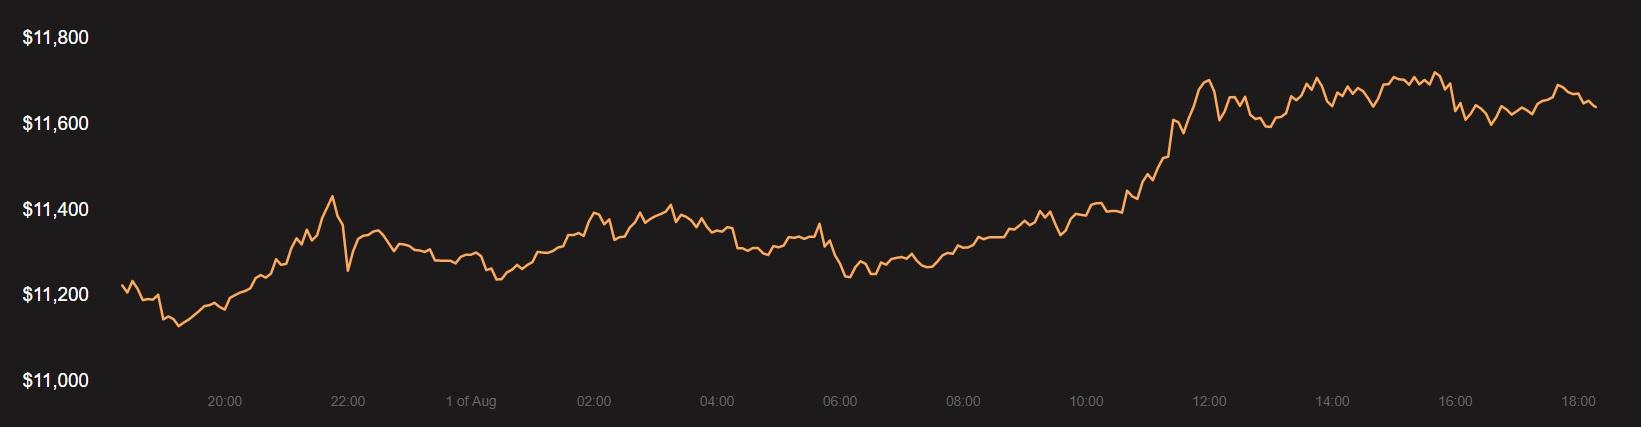 Decred, Binance Coin, Tezos Análisis de precios: 01 de agosto